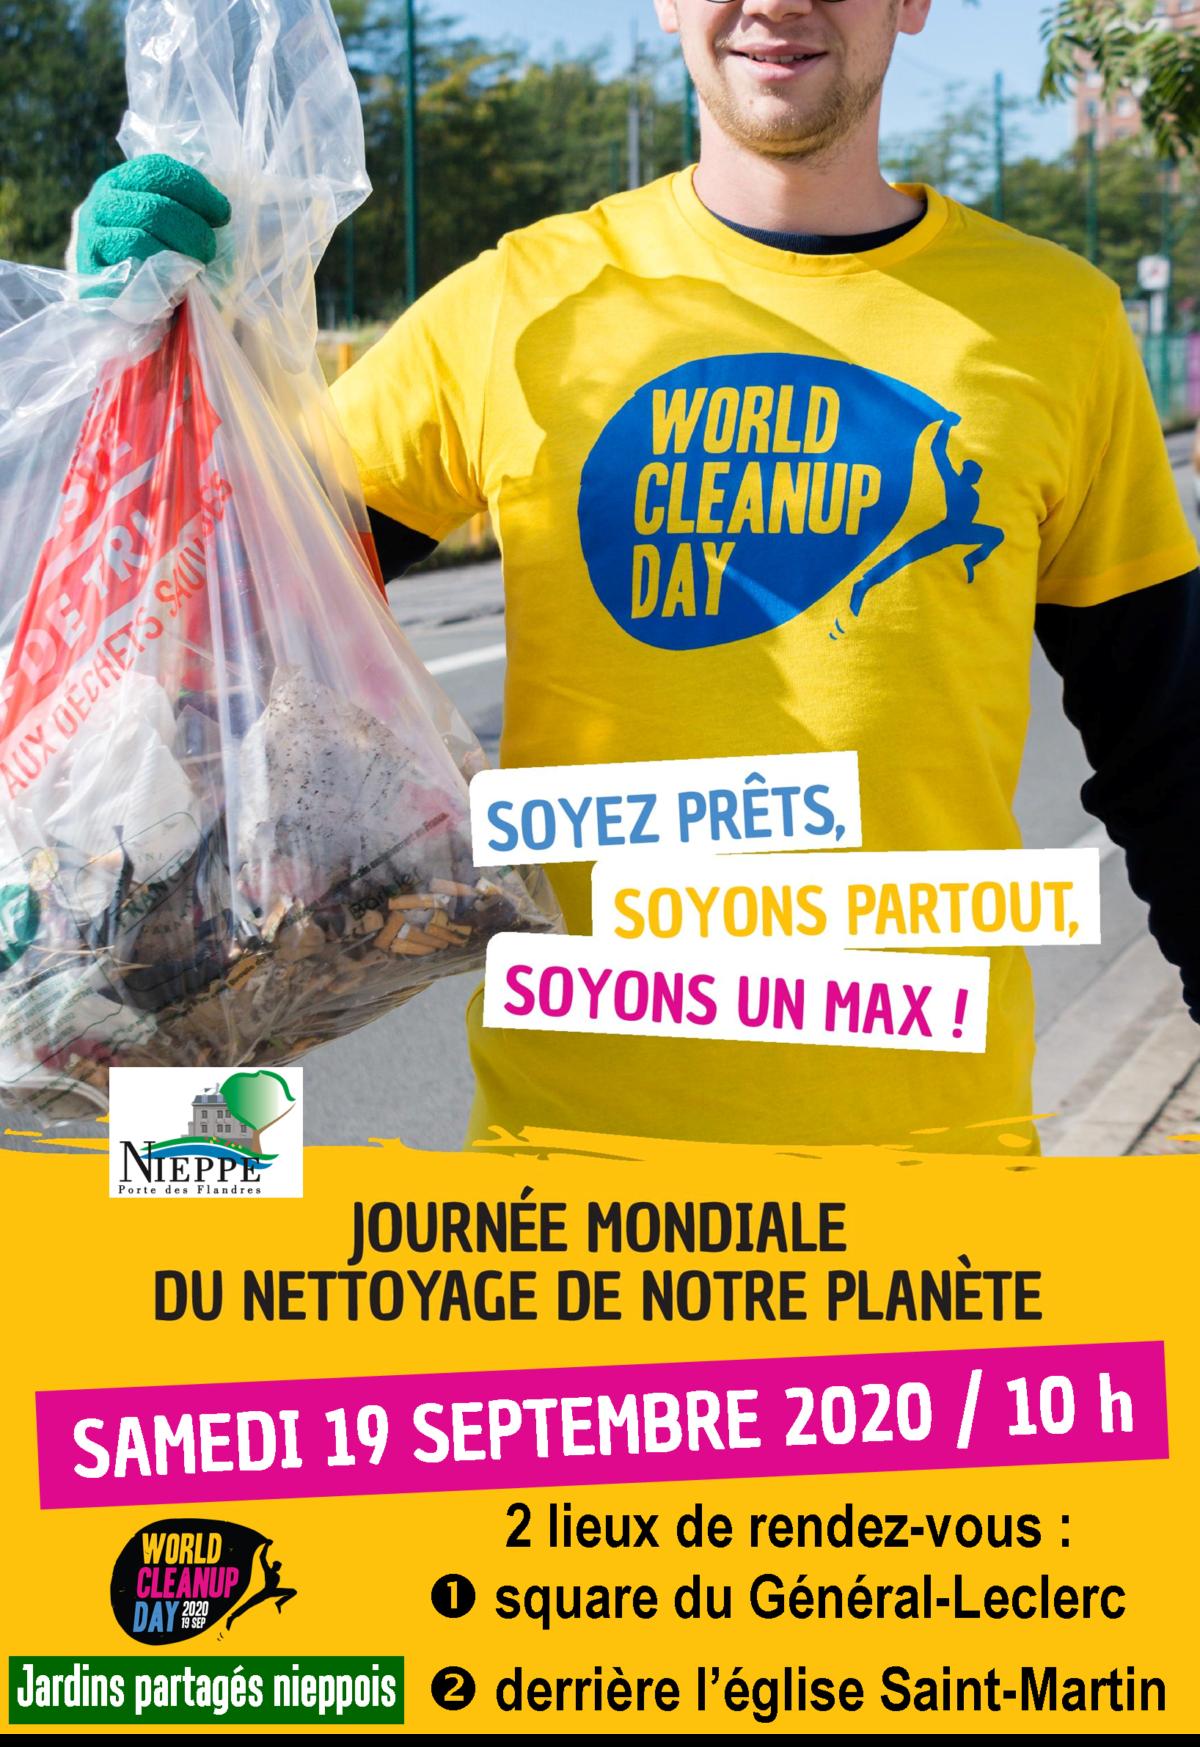 Les Jardins partagés nieppois et la ville de Nieppe participent au World CleanUp Day